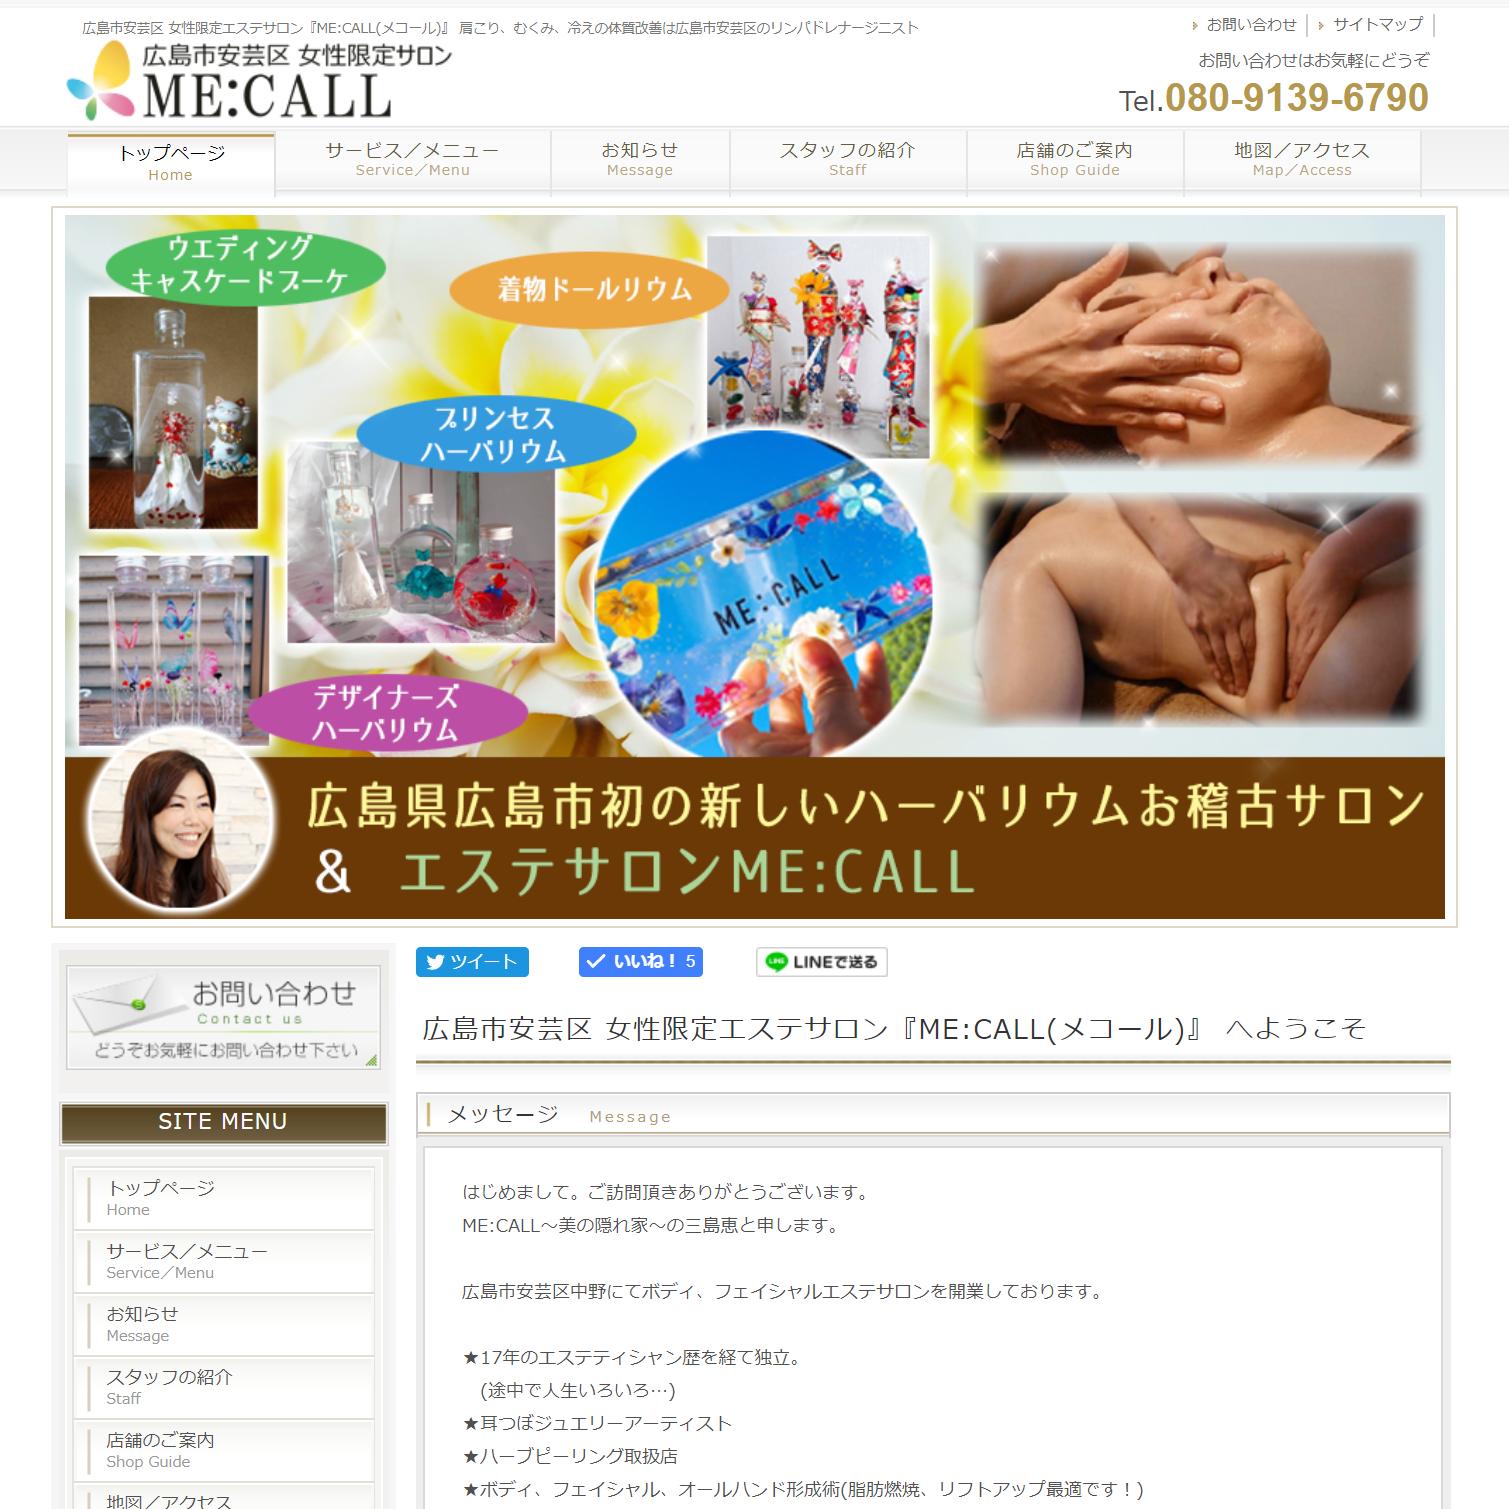 広島の女性限定エステサロン『MECALL(メコール)』